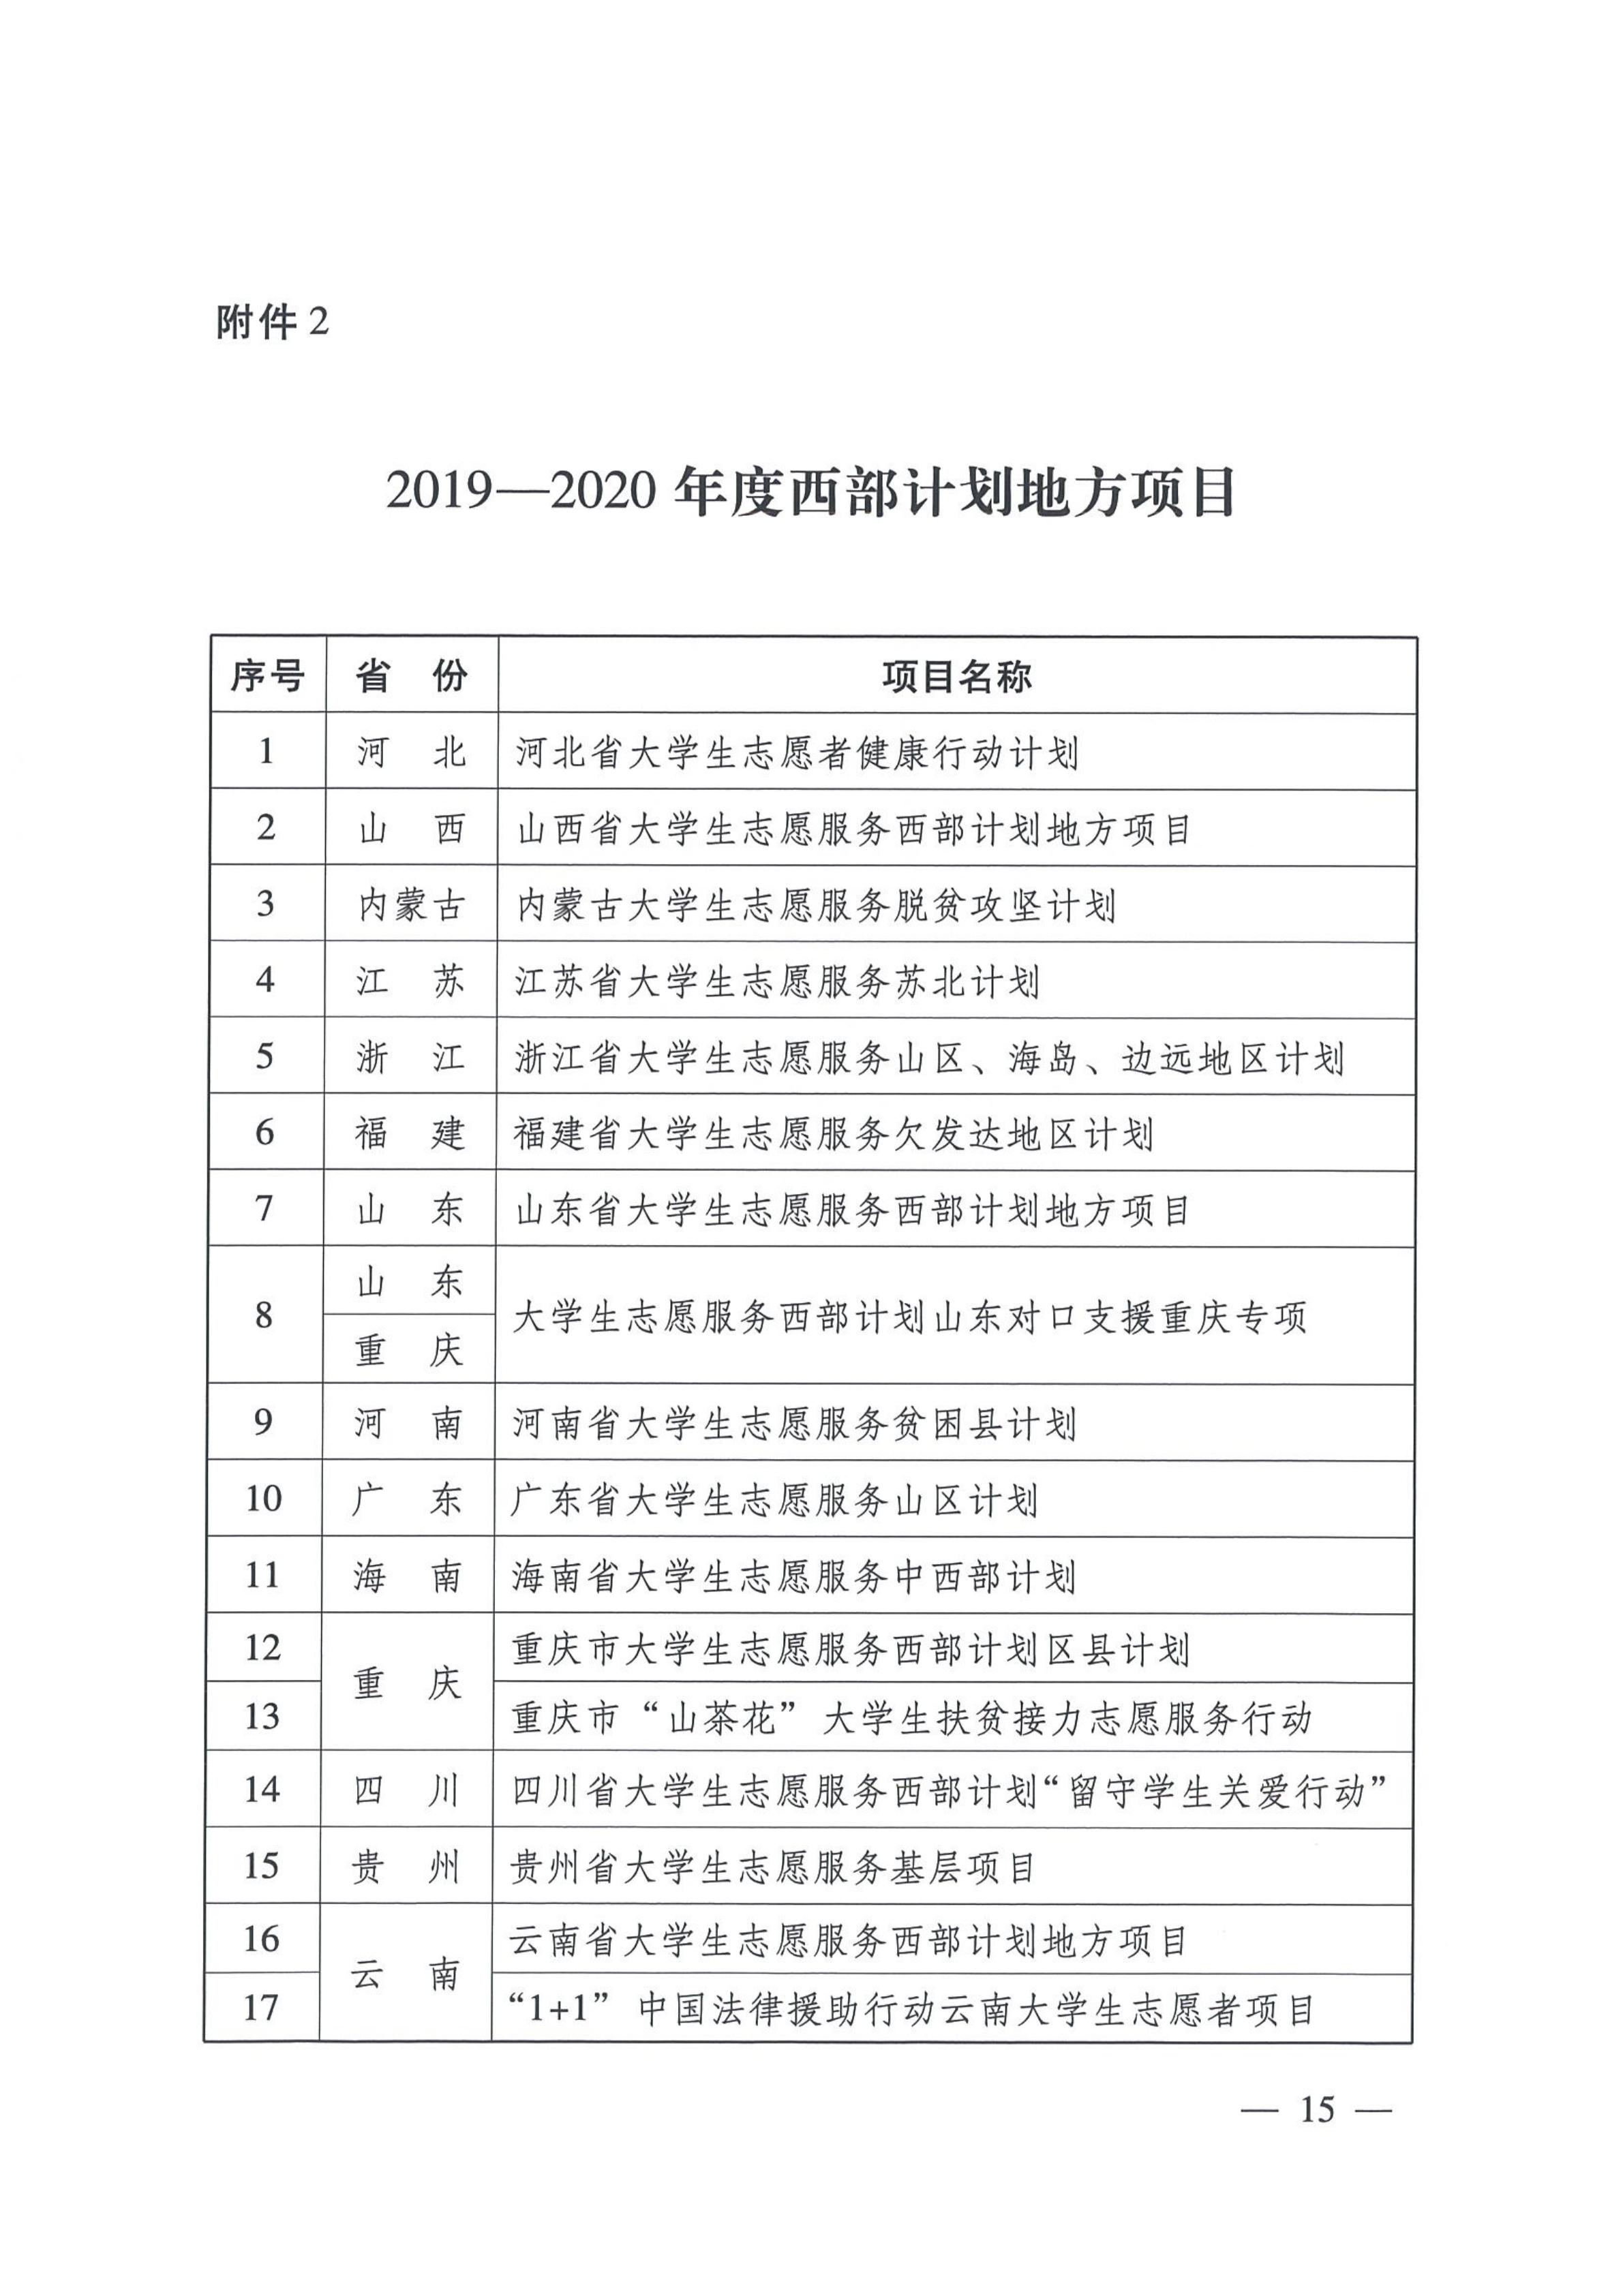 7-晋科院团[2019]7号-关于转发共青团中央《关于印发2019-2020年度大学生志愿服务西部计划实施方案》的通知》的通知_15.png